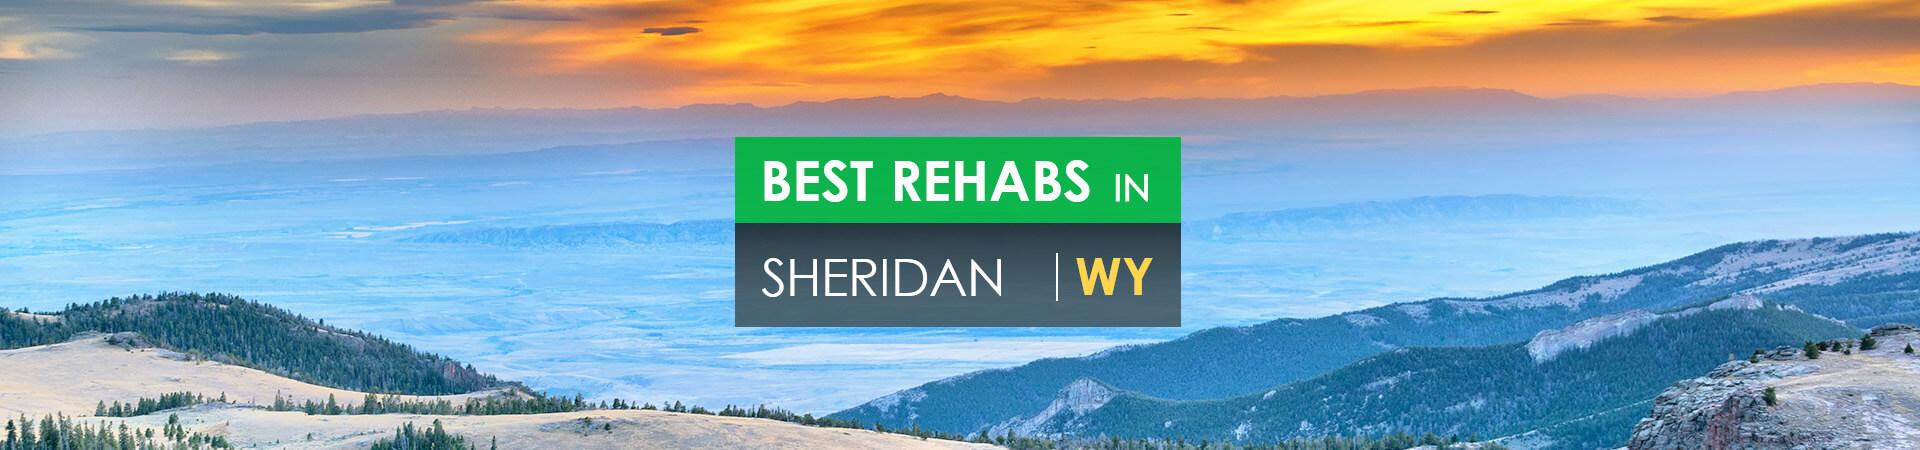 Best rehabs in Sheridan, WY